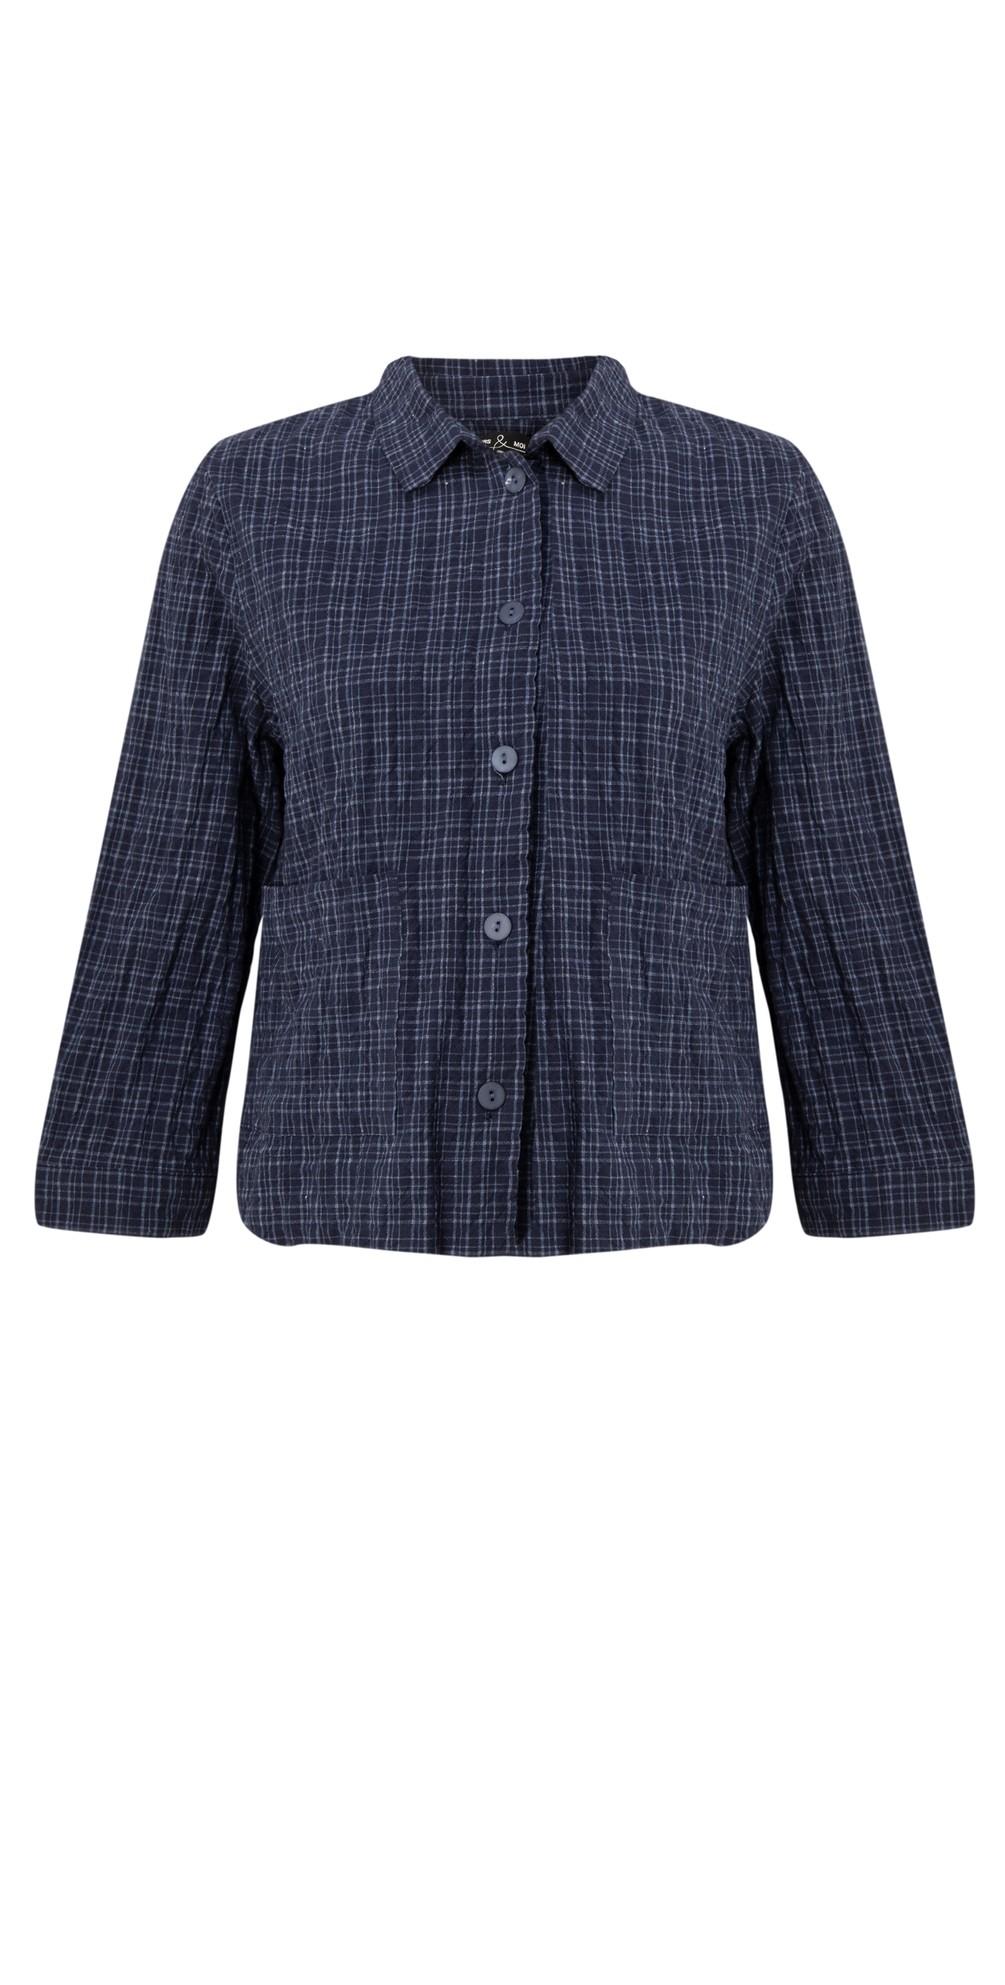 Etude Denim Jacket with Pockets main image